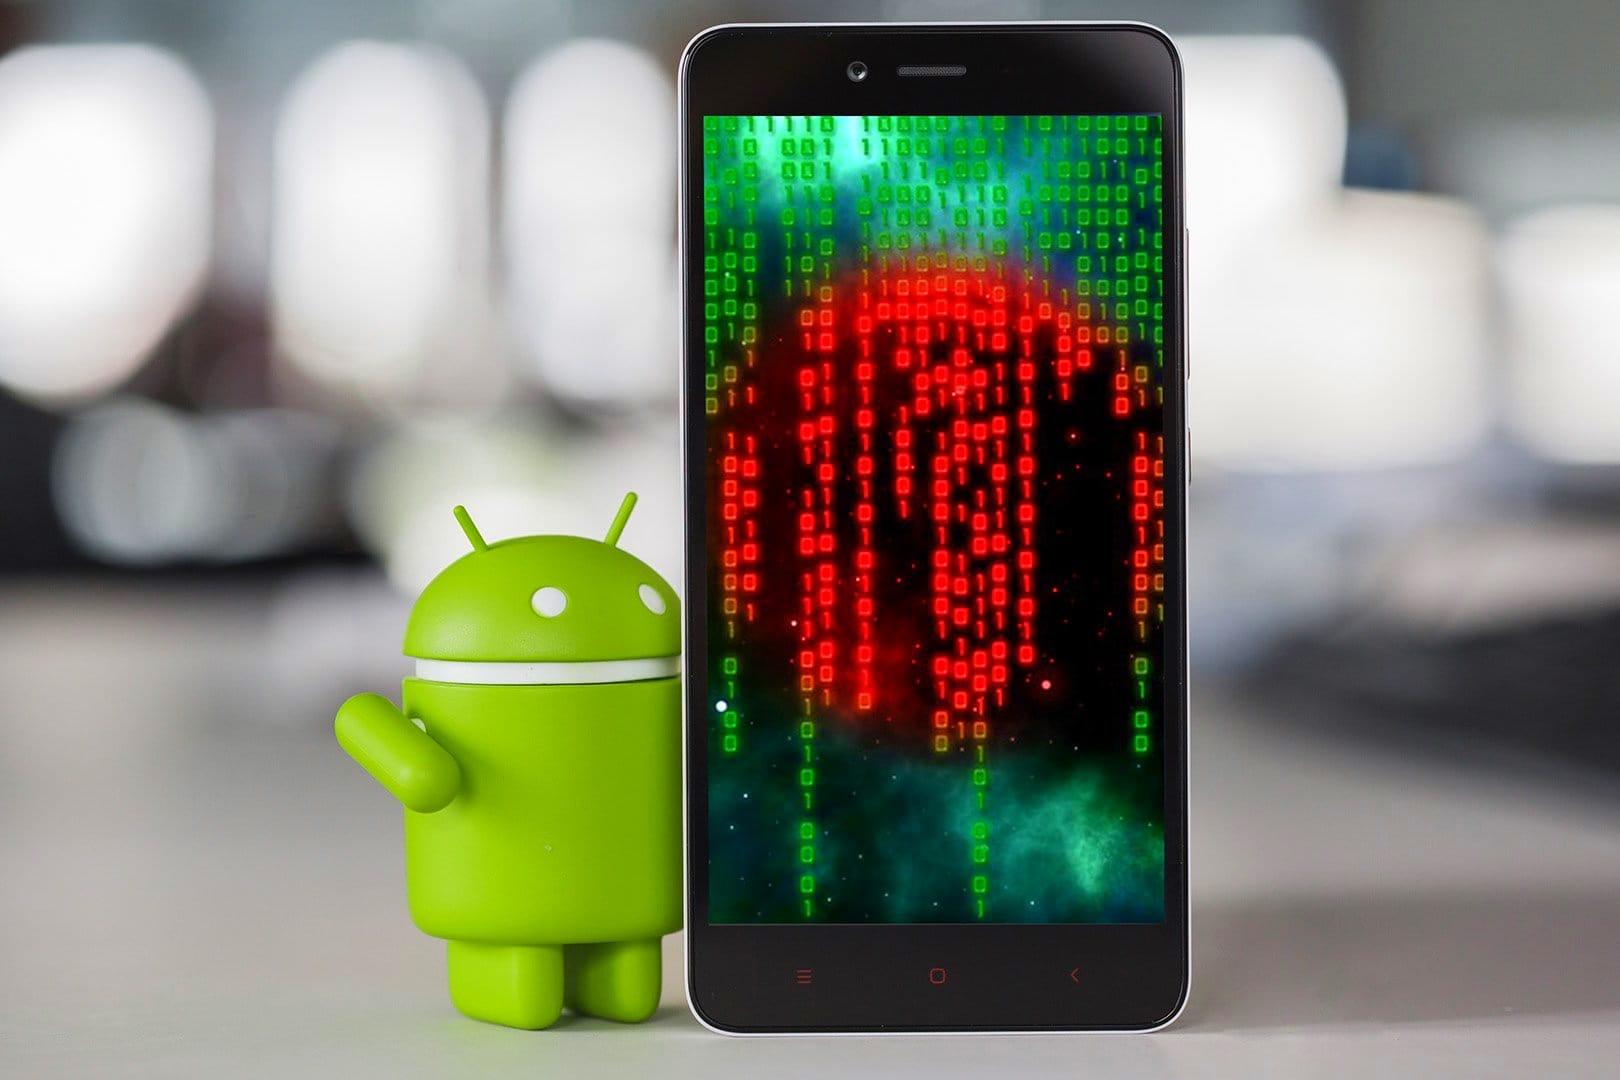 В45-ти моделях андроид найдены вшитые вредные вирусы